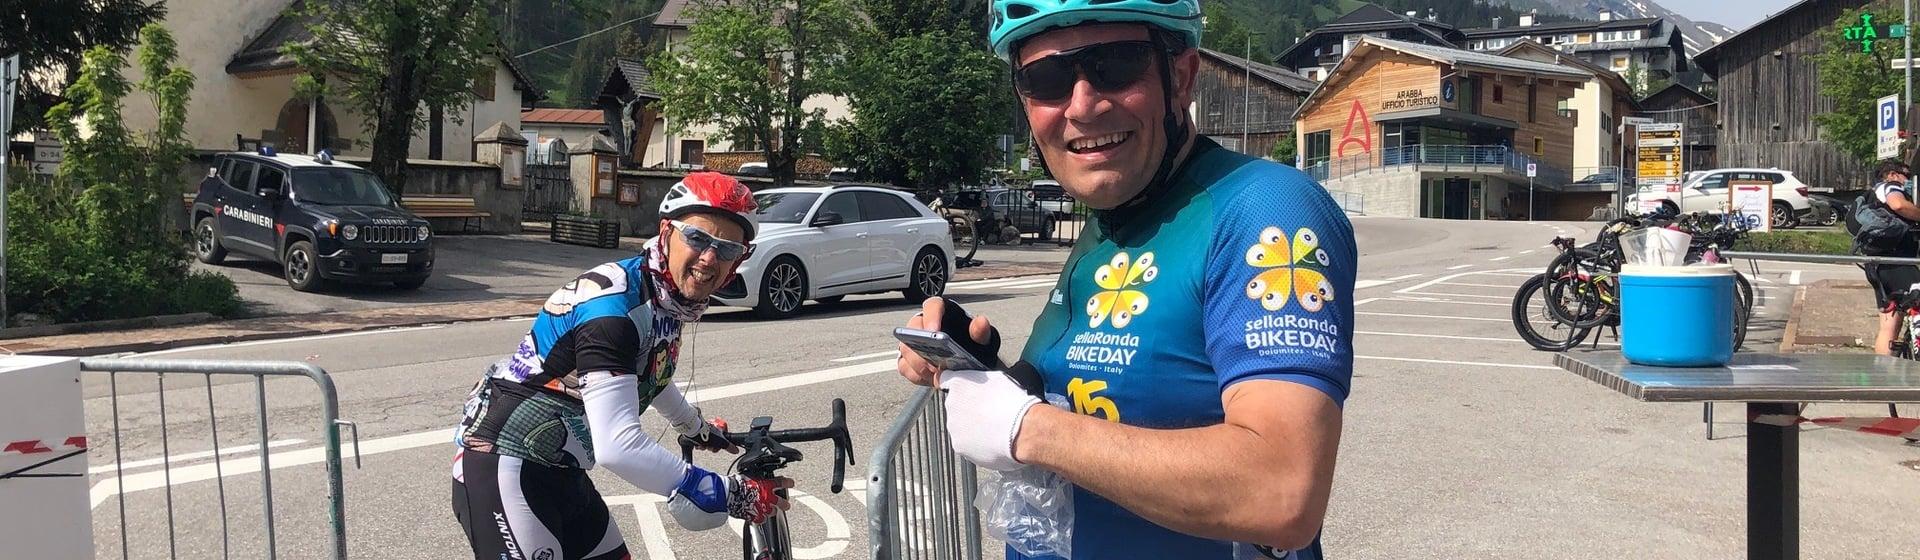 Sonntag 27.06.2021 wird der Sellaronda Bike Day sein